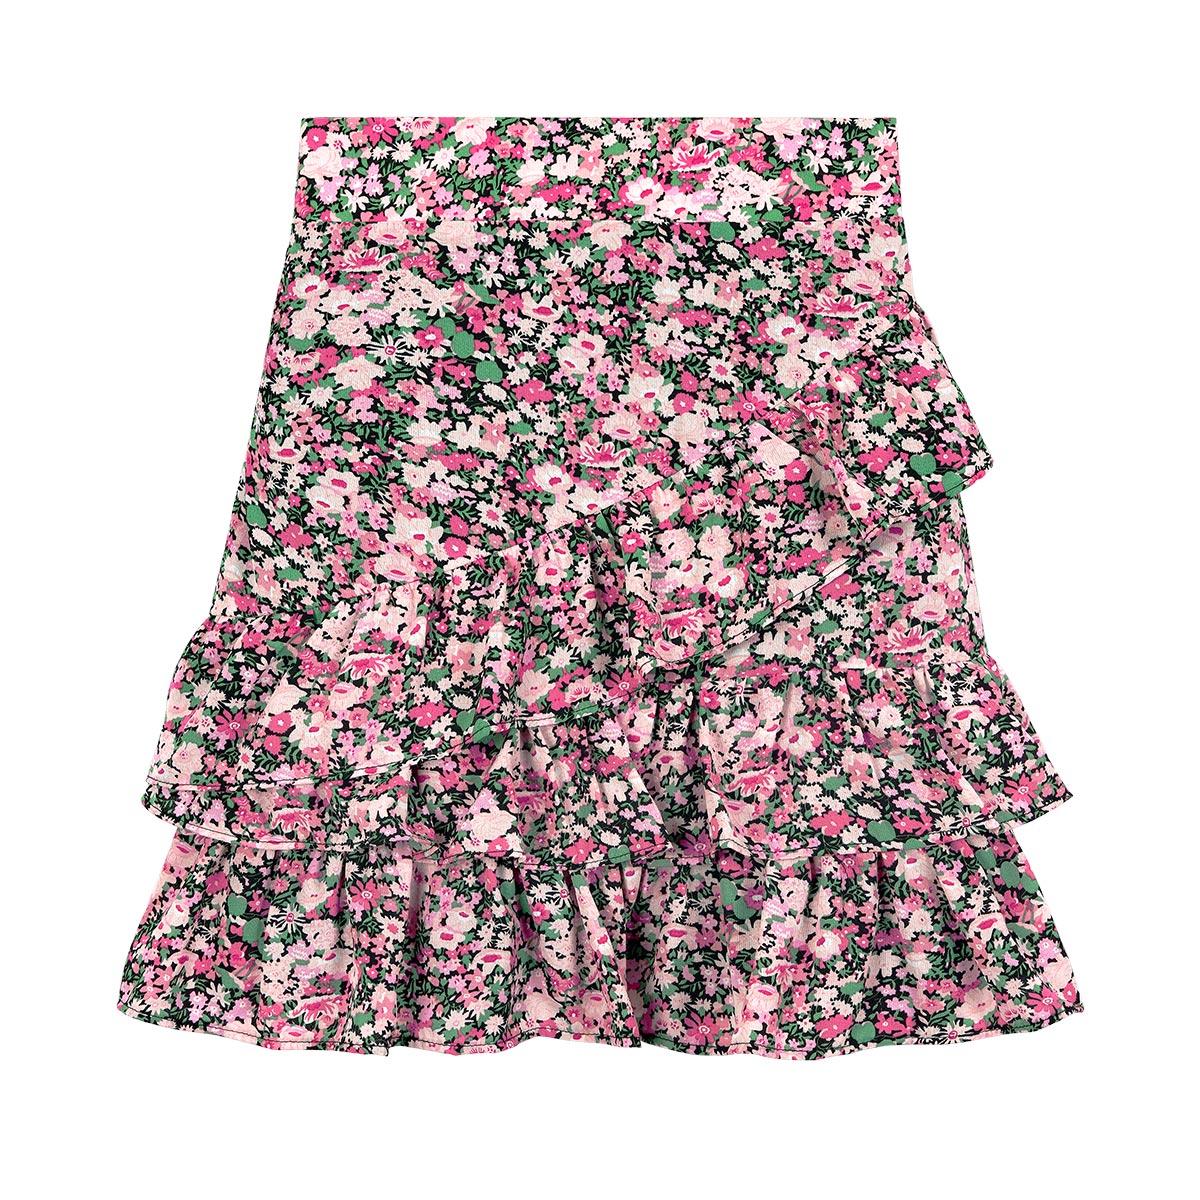 Ruffled skirt in flower print